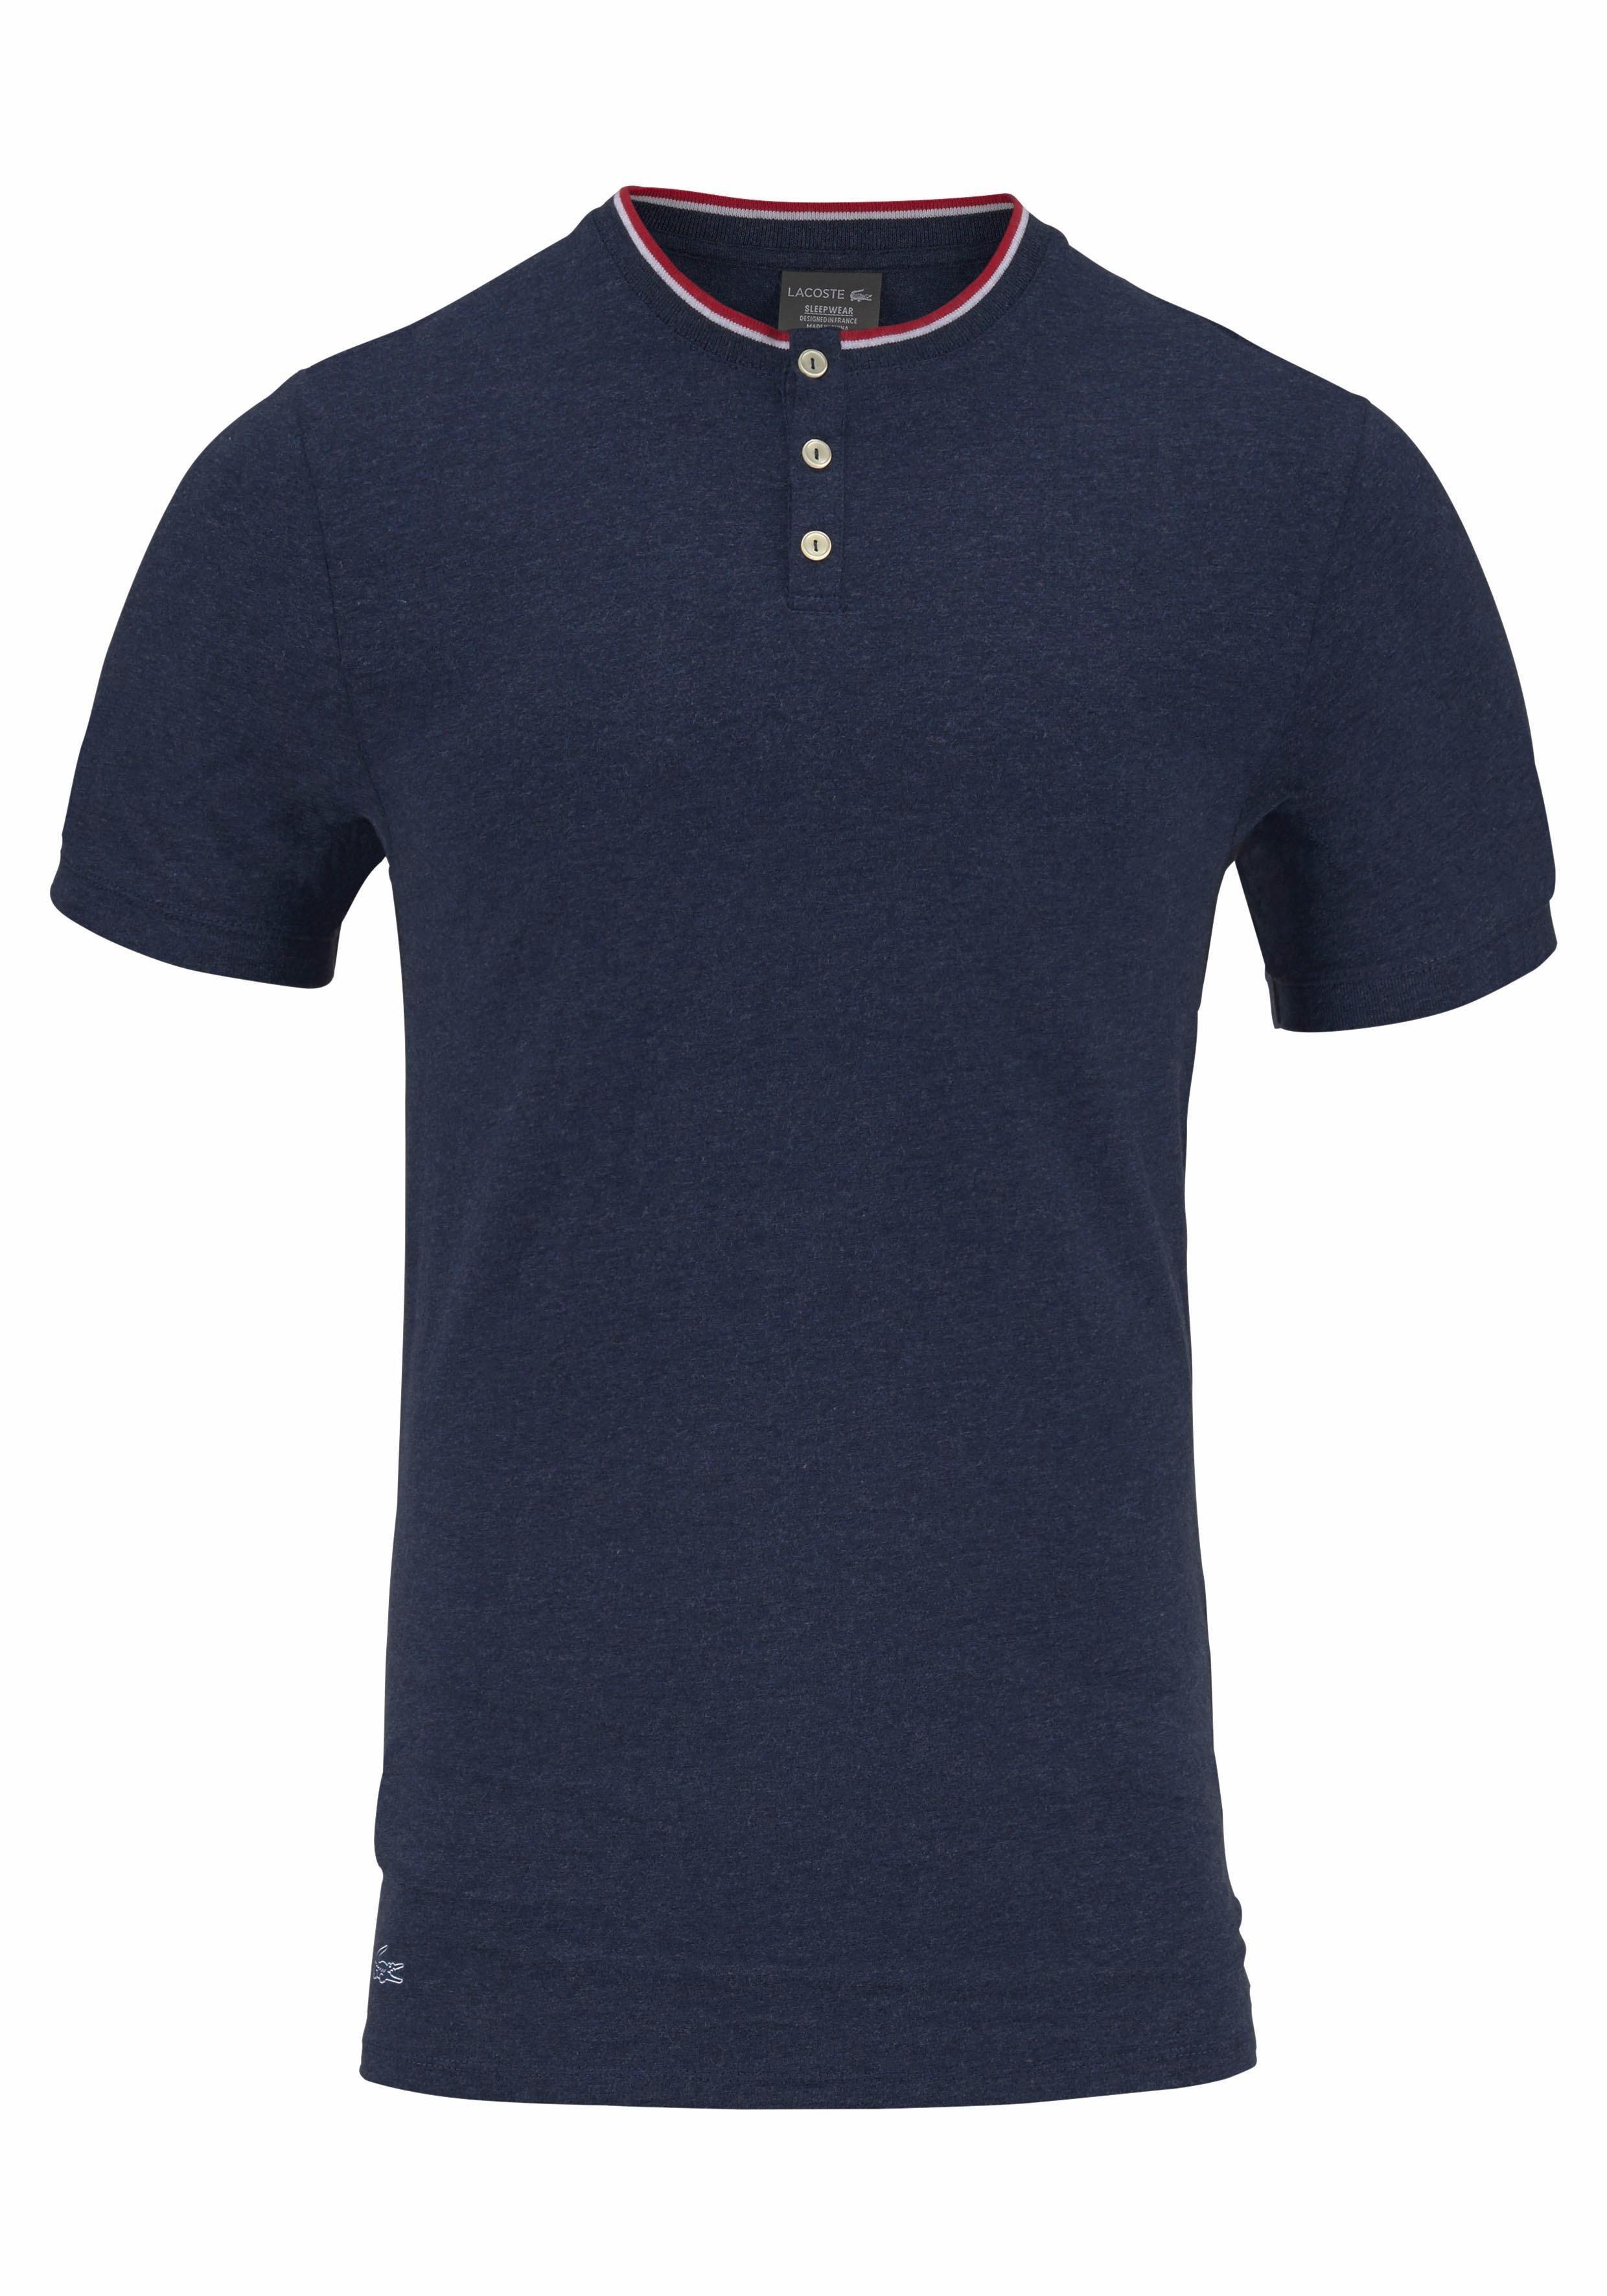 lacoste Sonstige Shirts für Herren online kaufen | Herrenmode ...